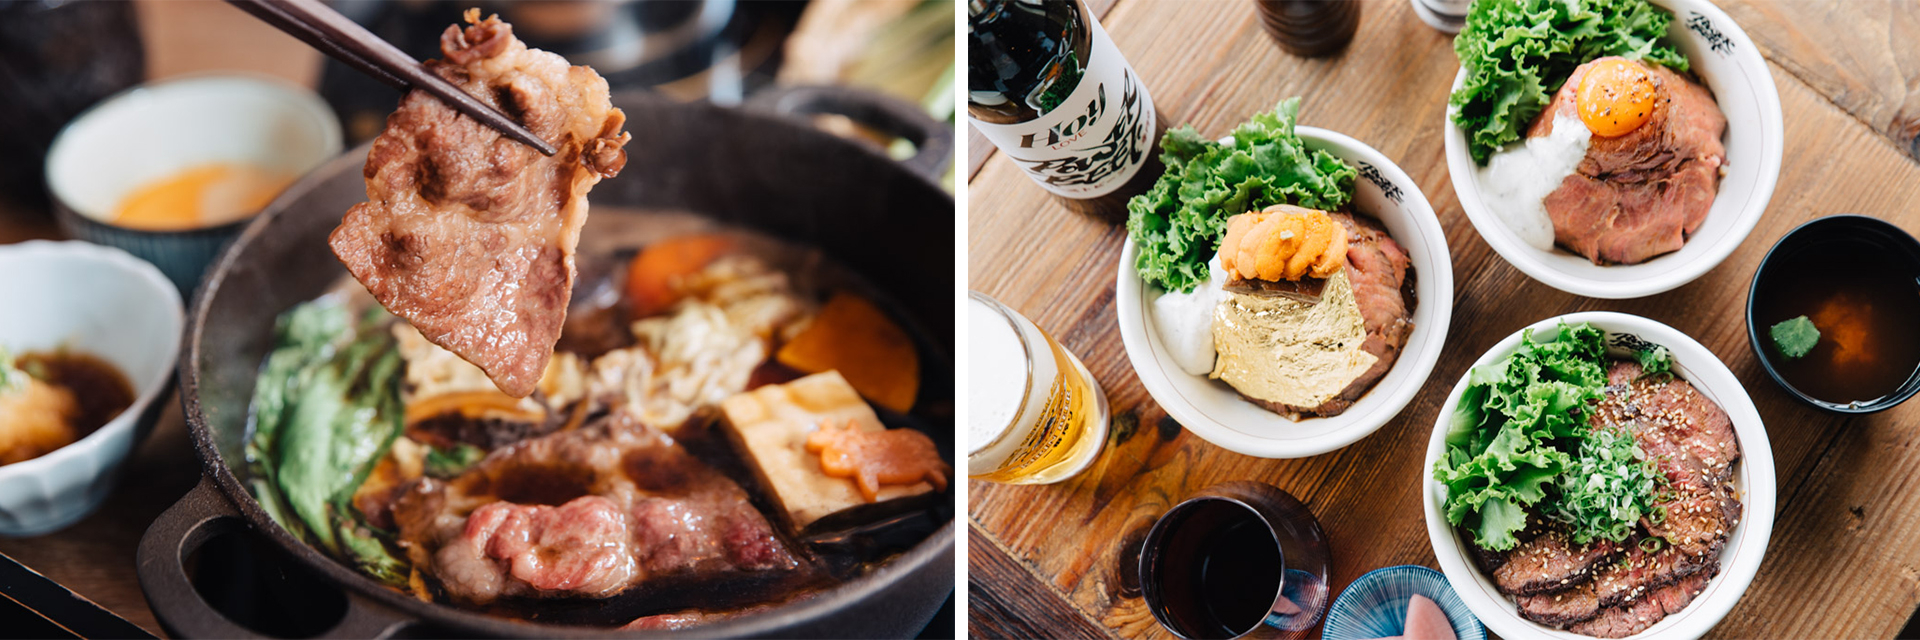 台北 2 步 1 家日式餐廳?!不踩雷的 10 間人氣日本料理,燒肉、鍋物、丼飯…一篇全收